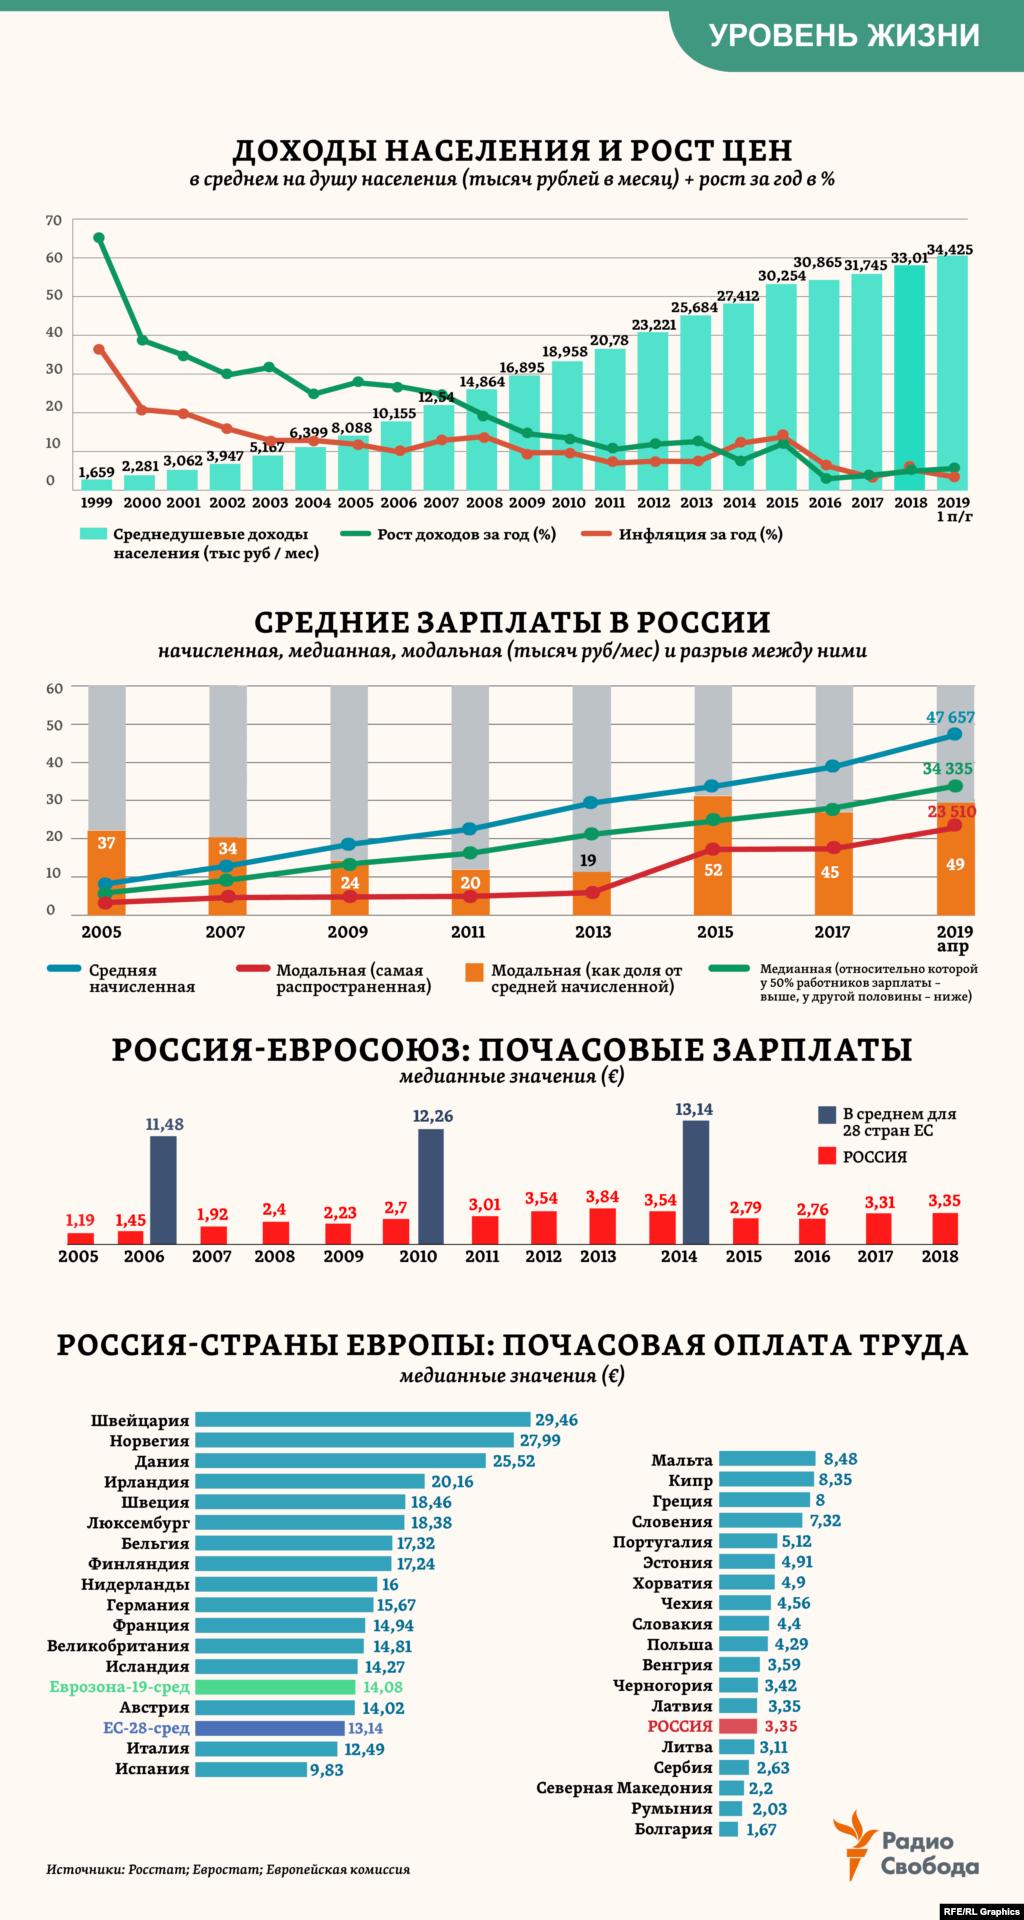 """В 1999 году по производительности труда Россия отставала от стран Европы в 3,5 раза, сегодня – в 2 раза. При этом средняя почасовая зарплата в России почти в 4 раза ниже, чем среднеевропейская 5-летней давности (более поздних данныхпока нет). А самая распространенная (модальная) зарплата в России оказывается ровно в 2 раза ниже той, которая считается """"средней начисленной""""."""